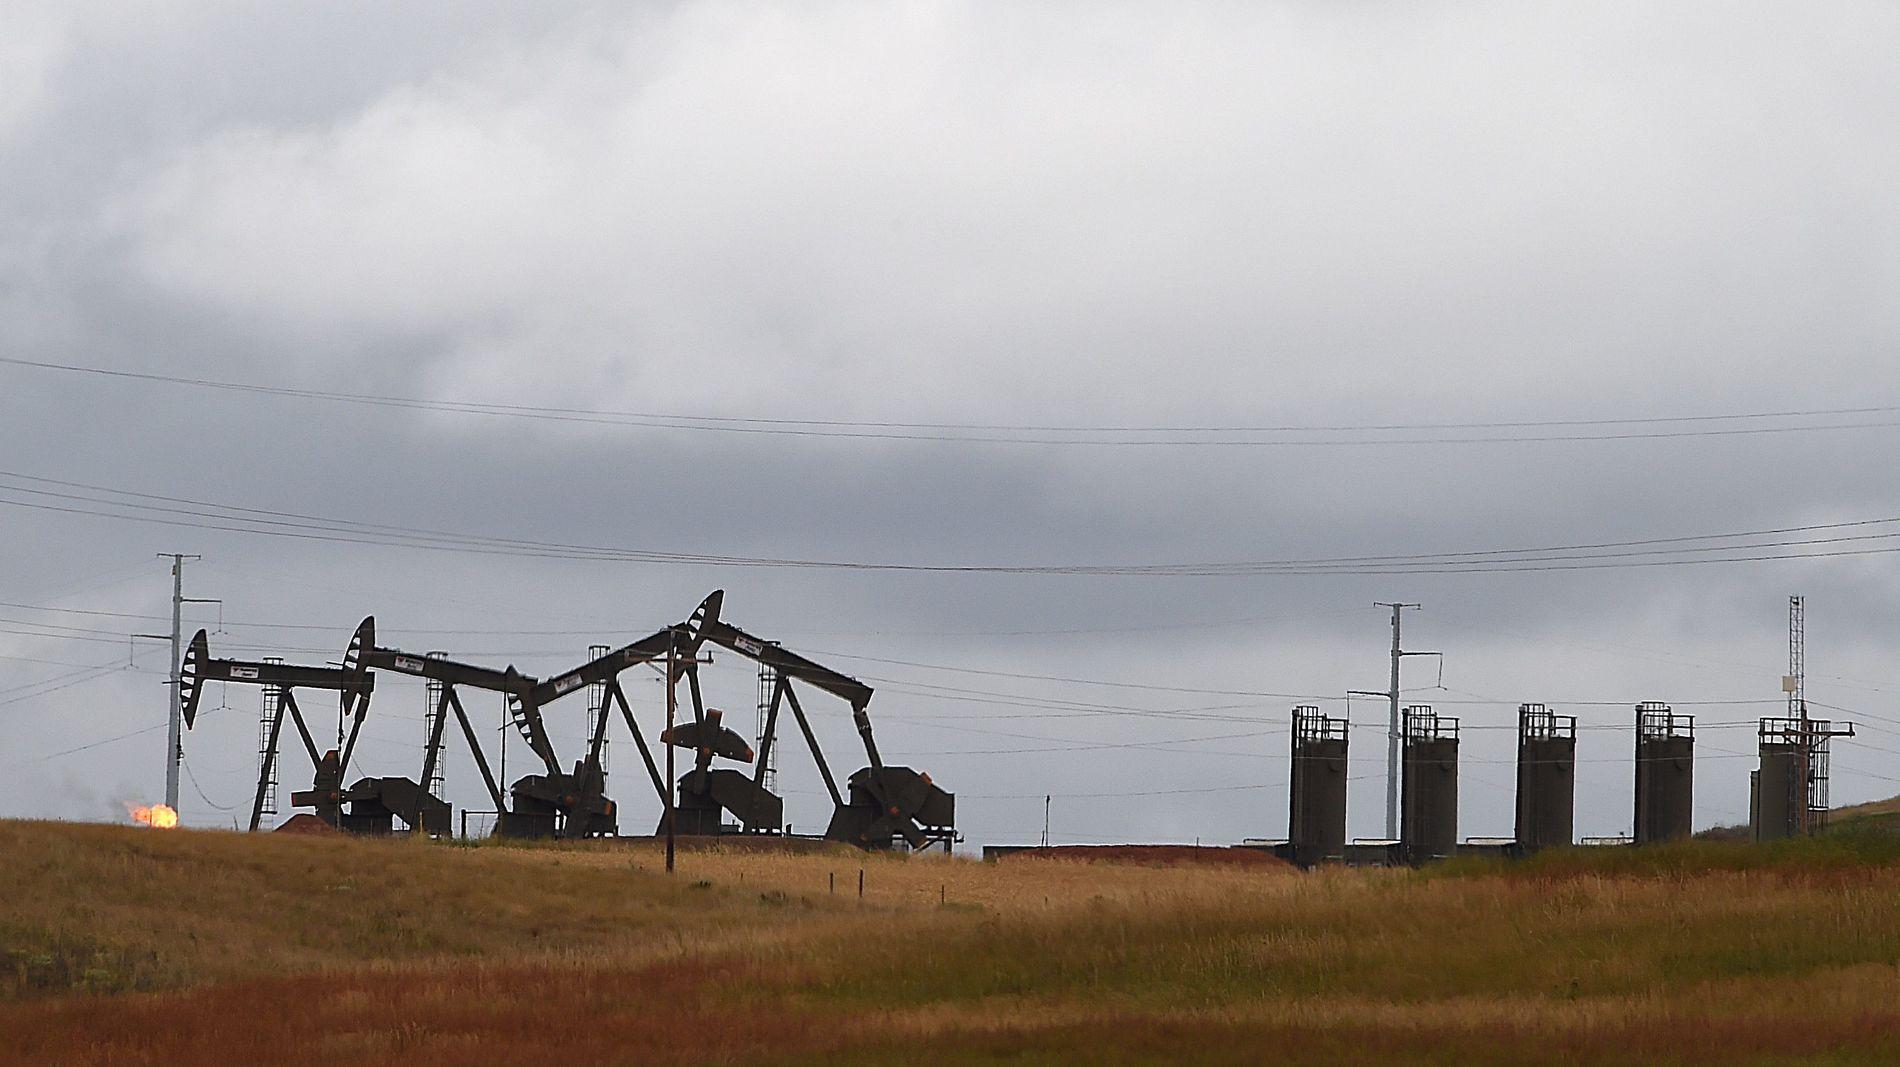 VENTER VEKST: Den voldsomme veksten i USAs oljeproduksjon gjør at verden har nok olje frem til 2020, tror IEA. Også Canada, Brasil og Norge bidrar med vekst de neste årene. Men det trengs mer investeringer etter 2020, mener byrået. Dette er oljepumper i Bakken-området i USA.